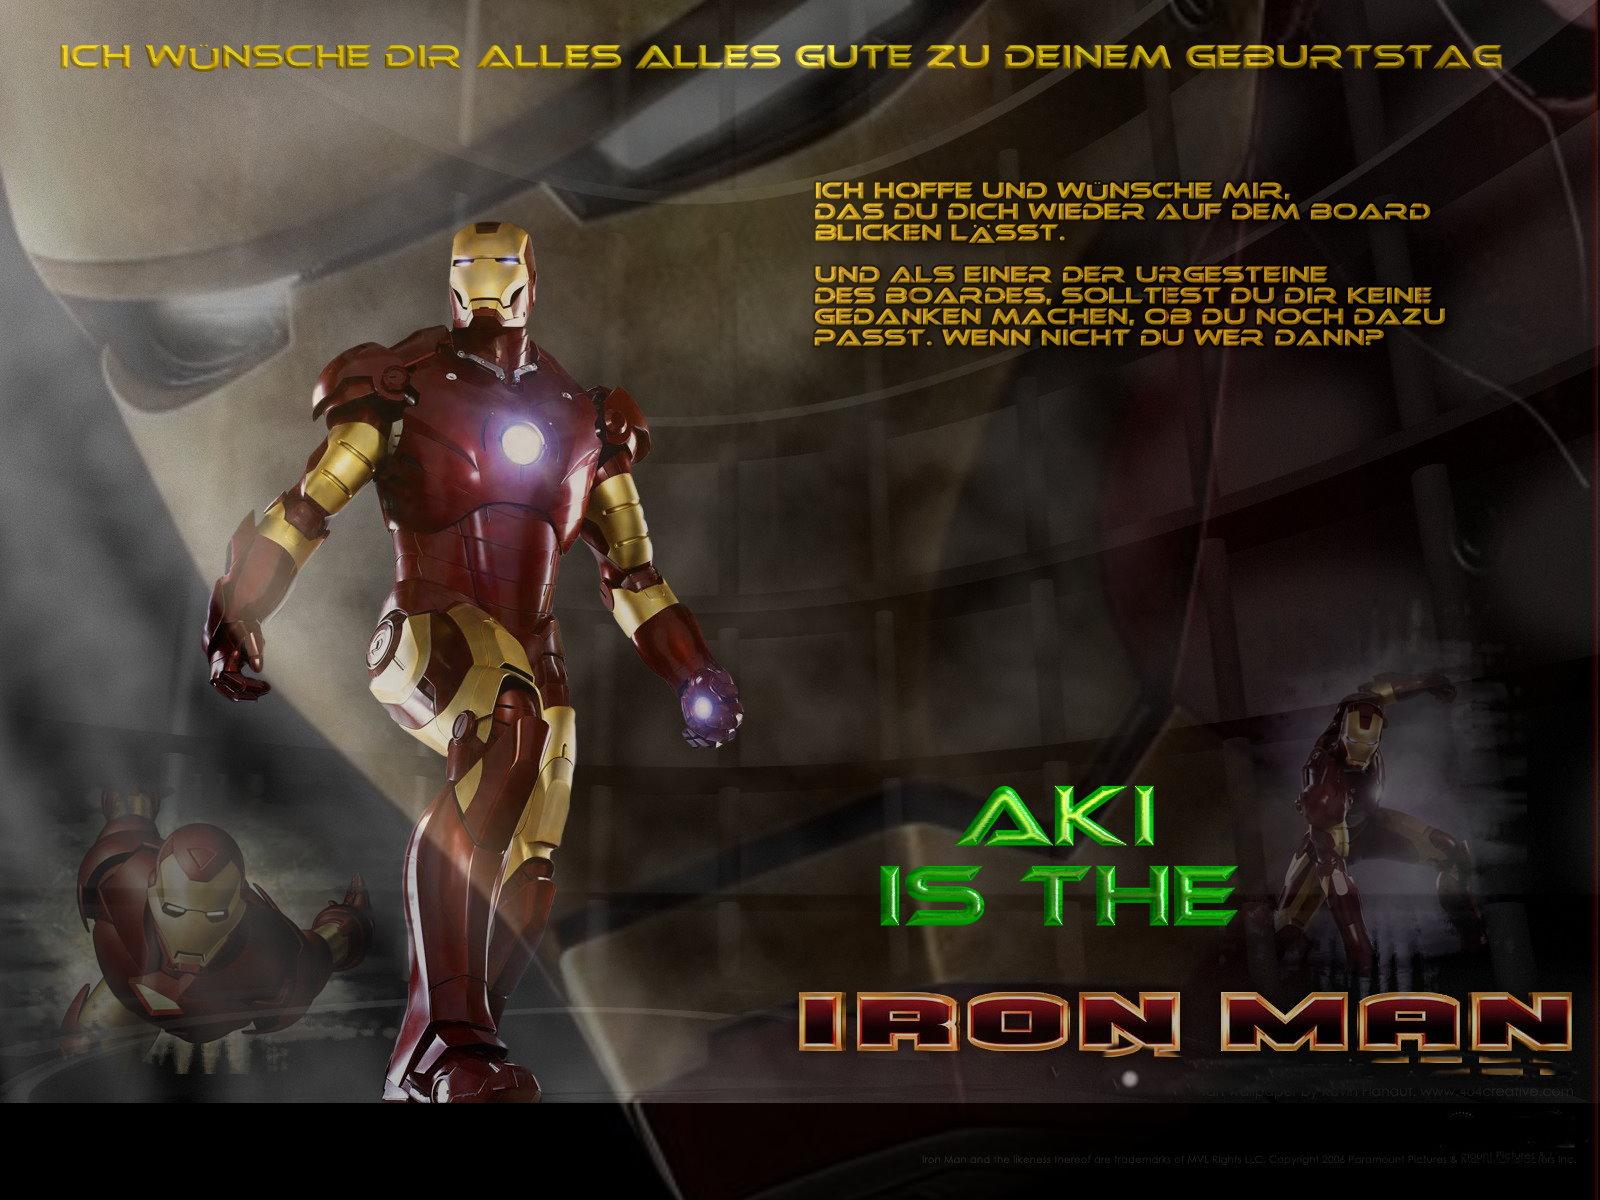 Klicke auf die Grafik für eine größere Ansicht  Name:Aki - Ironman.jpg Hits:733 Größe:295,2 KB ID:25463